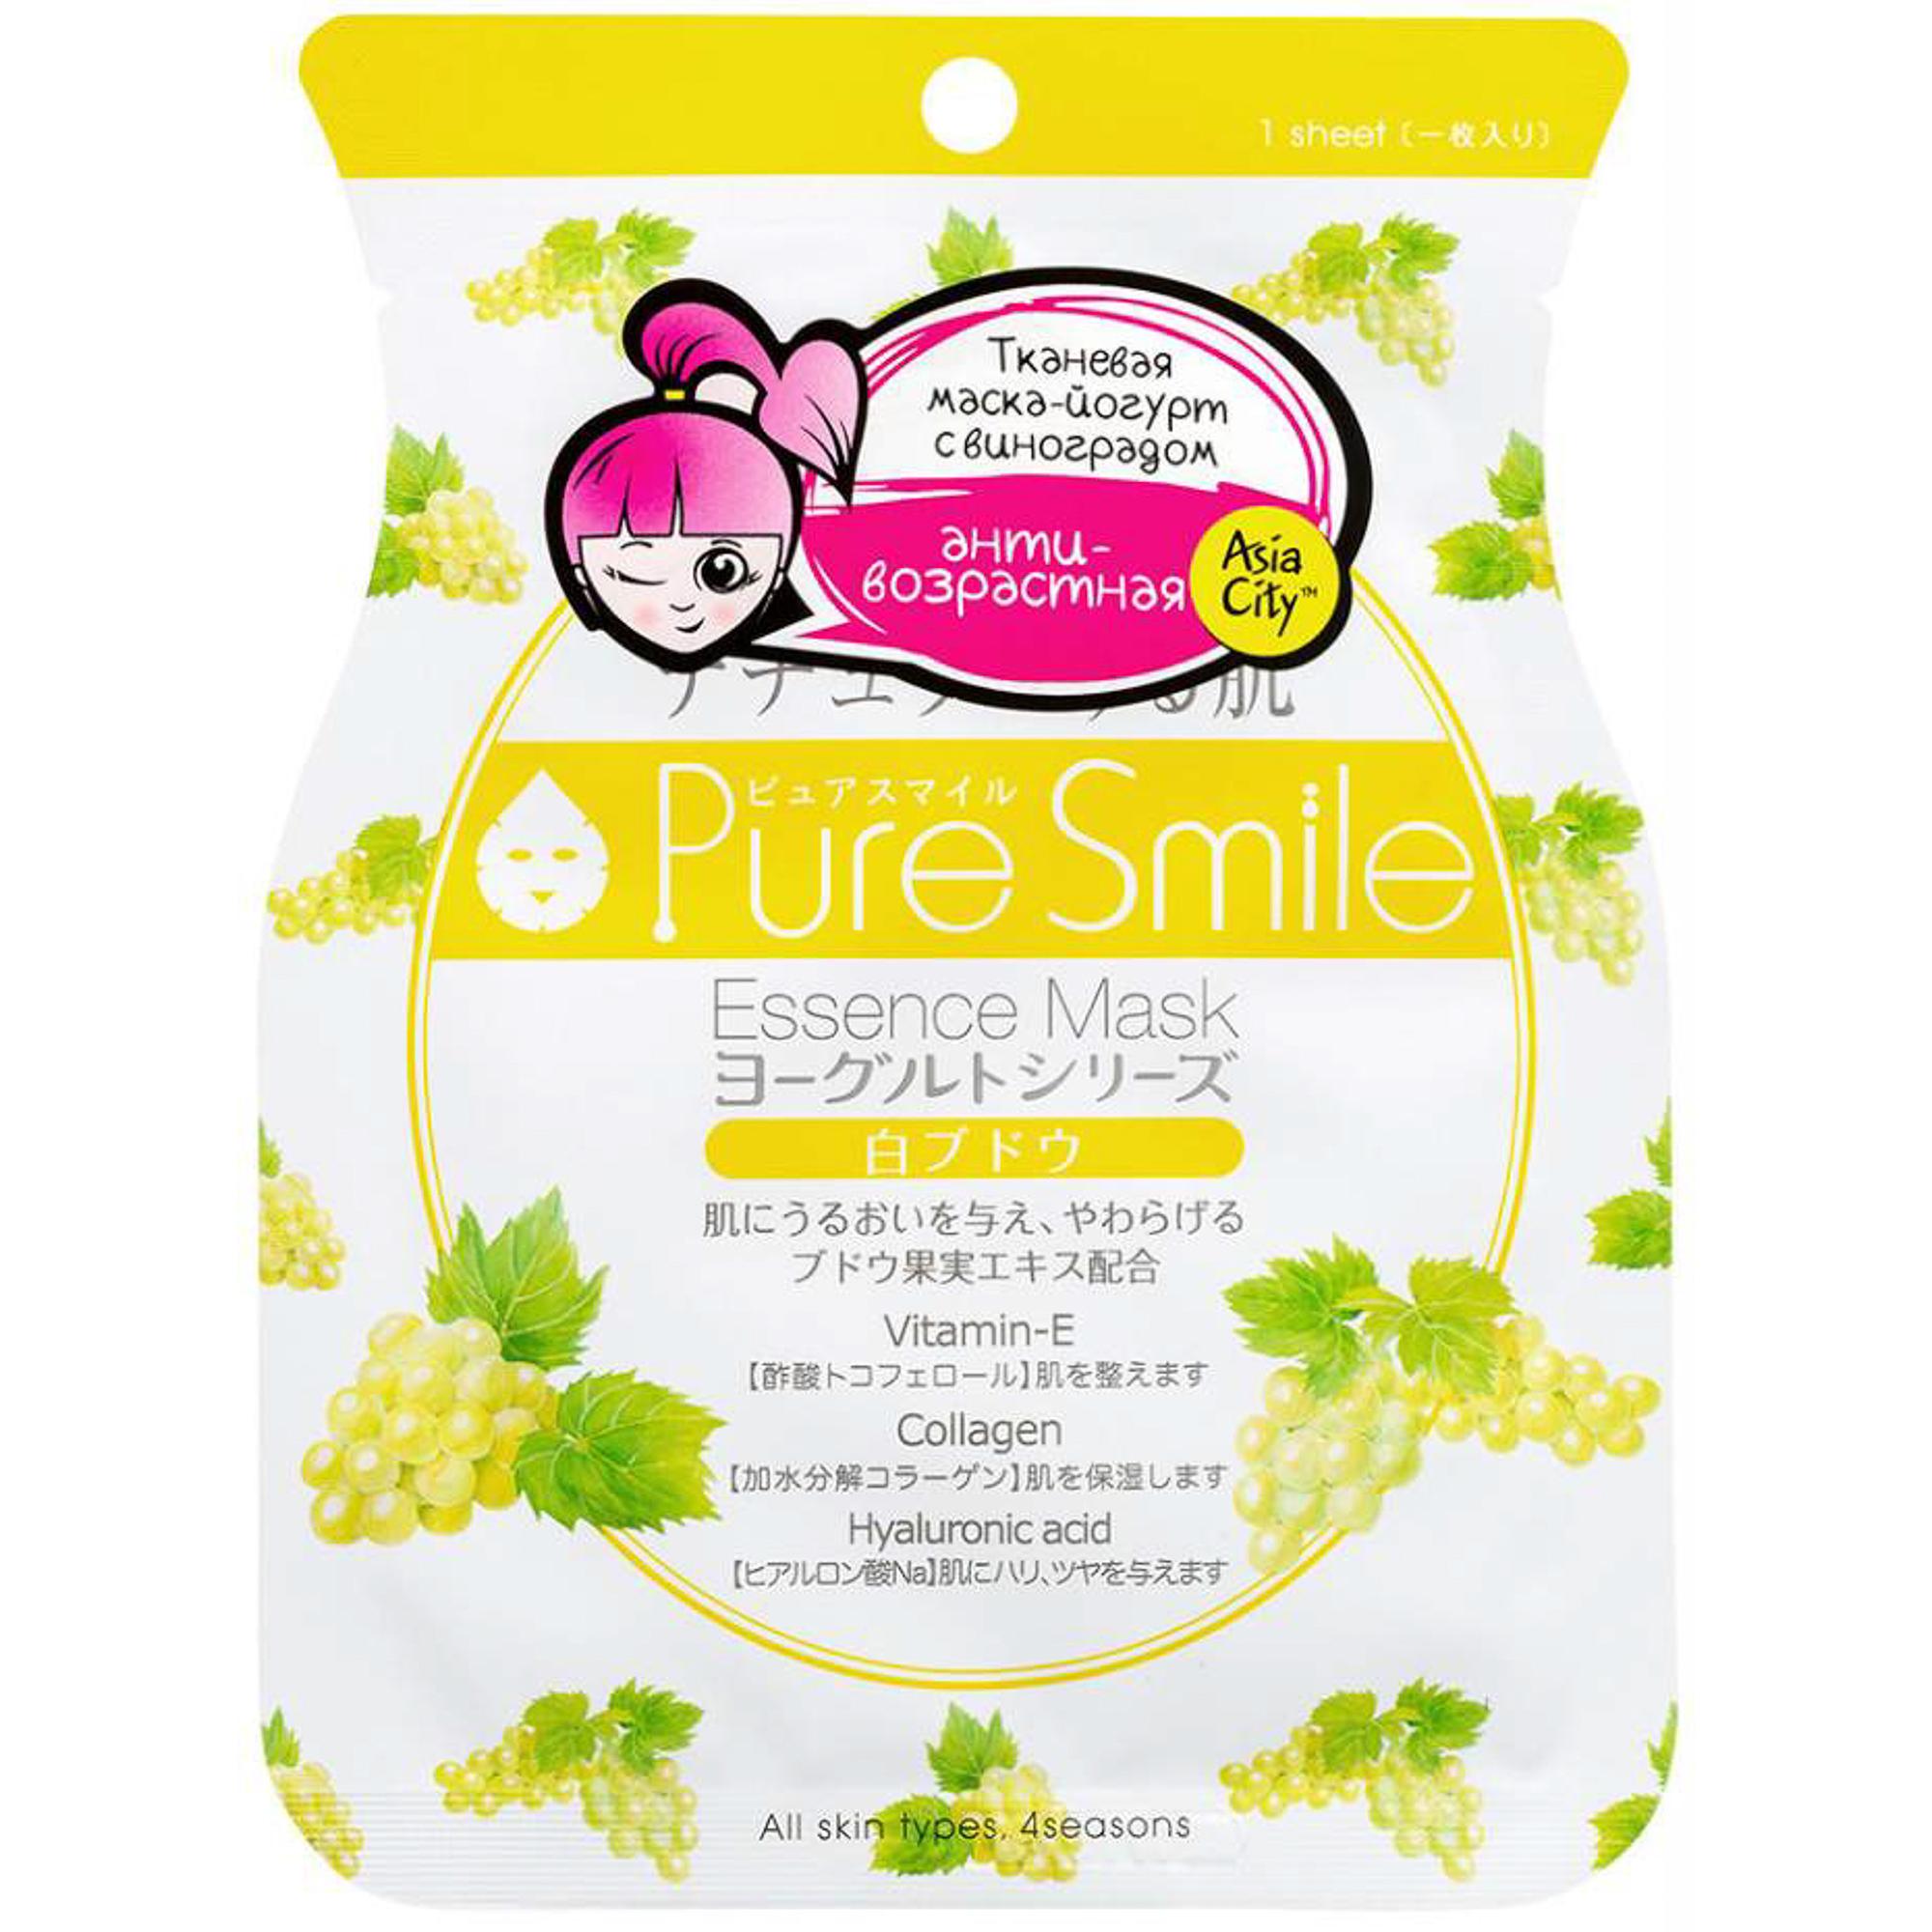 Фото - Маска для лица Sunsmile Yougurt Pure Smile Essence Mask с белым виноградом, 23 мл маска для лица sunsmile pure smile essence mask green tea 23 мл